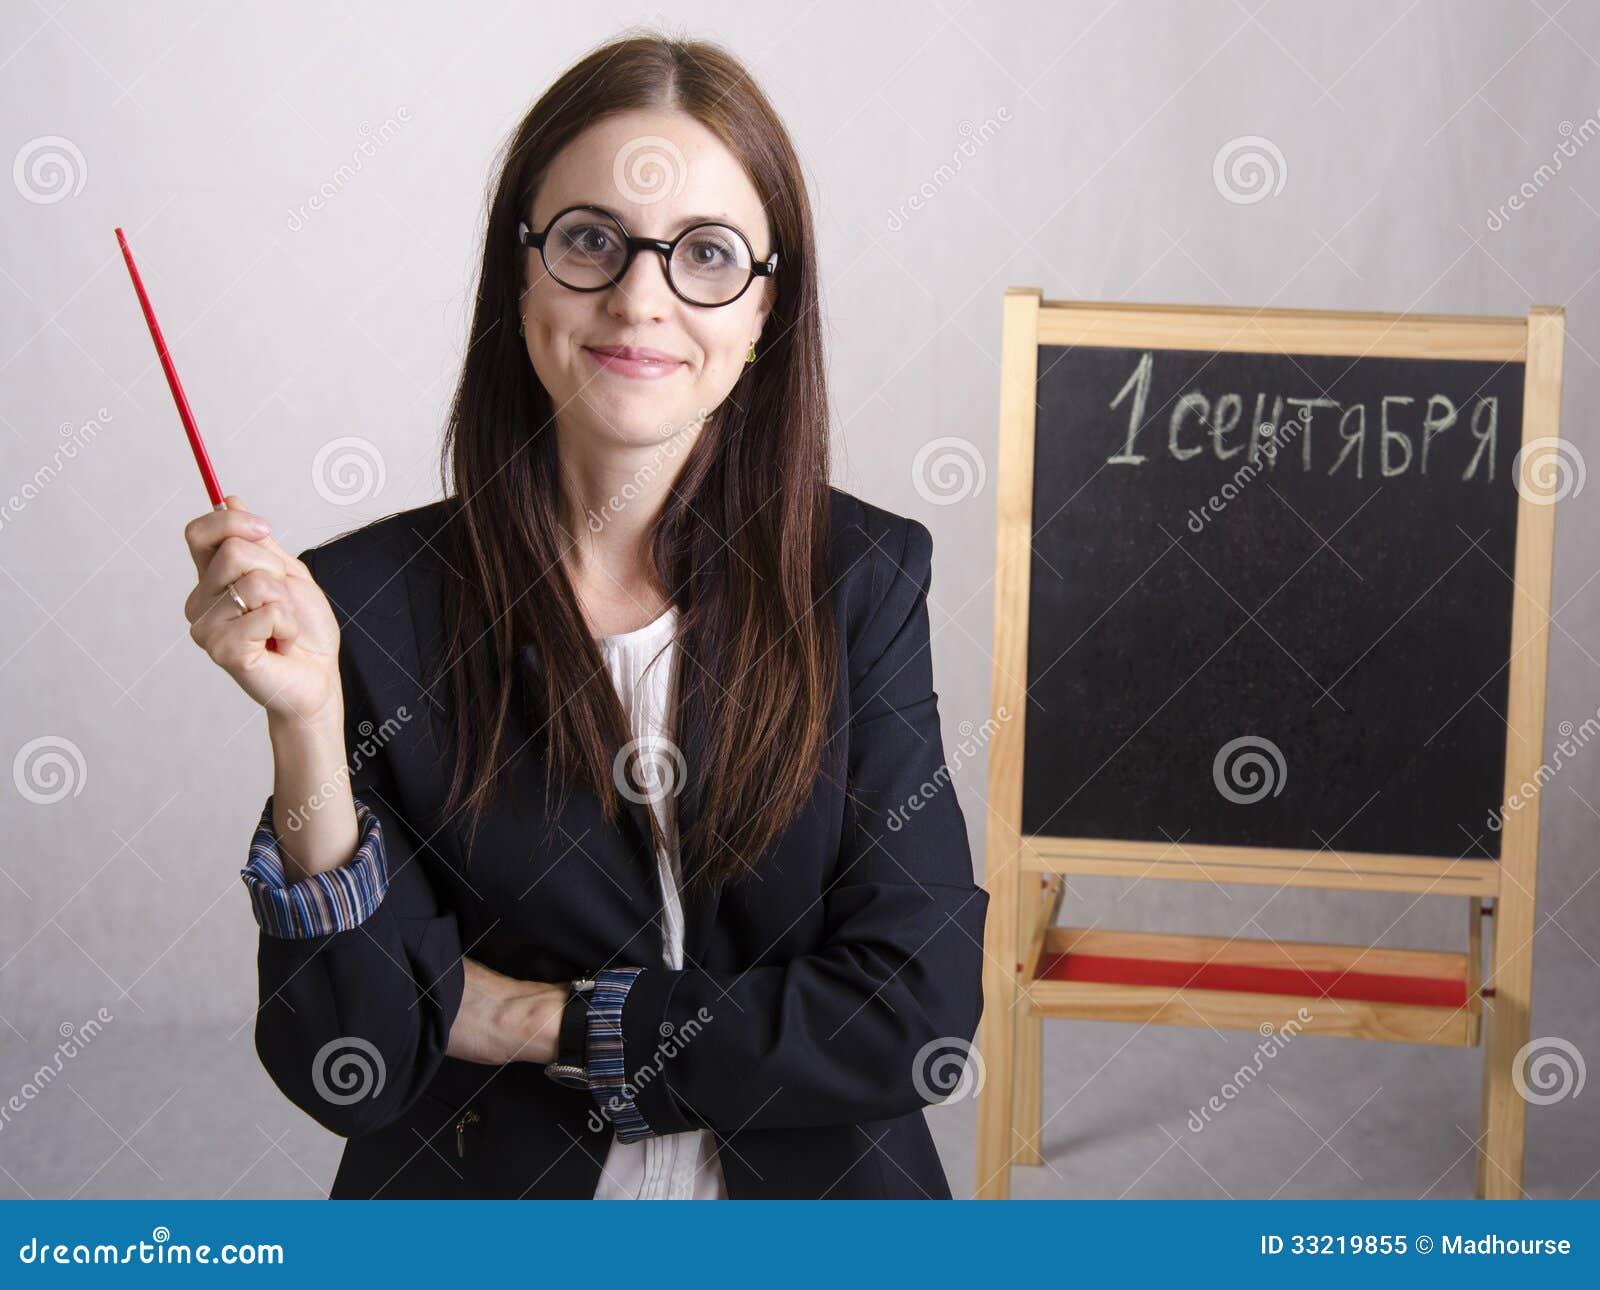 Учительница пришла проверить ученика 22 фотография